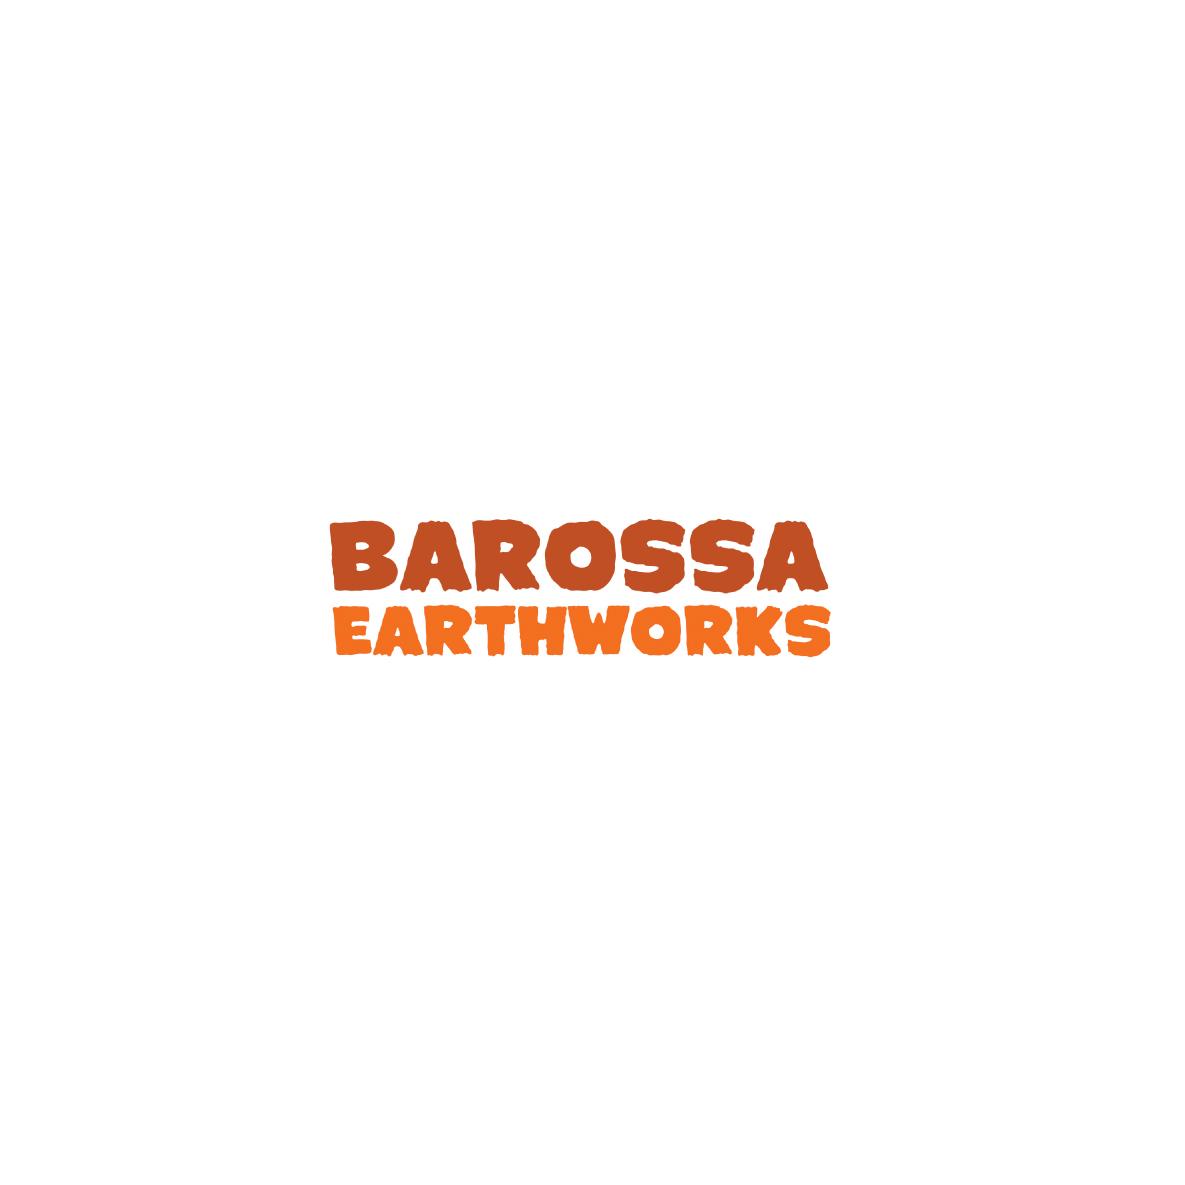 Barossa Earthworks